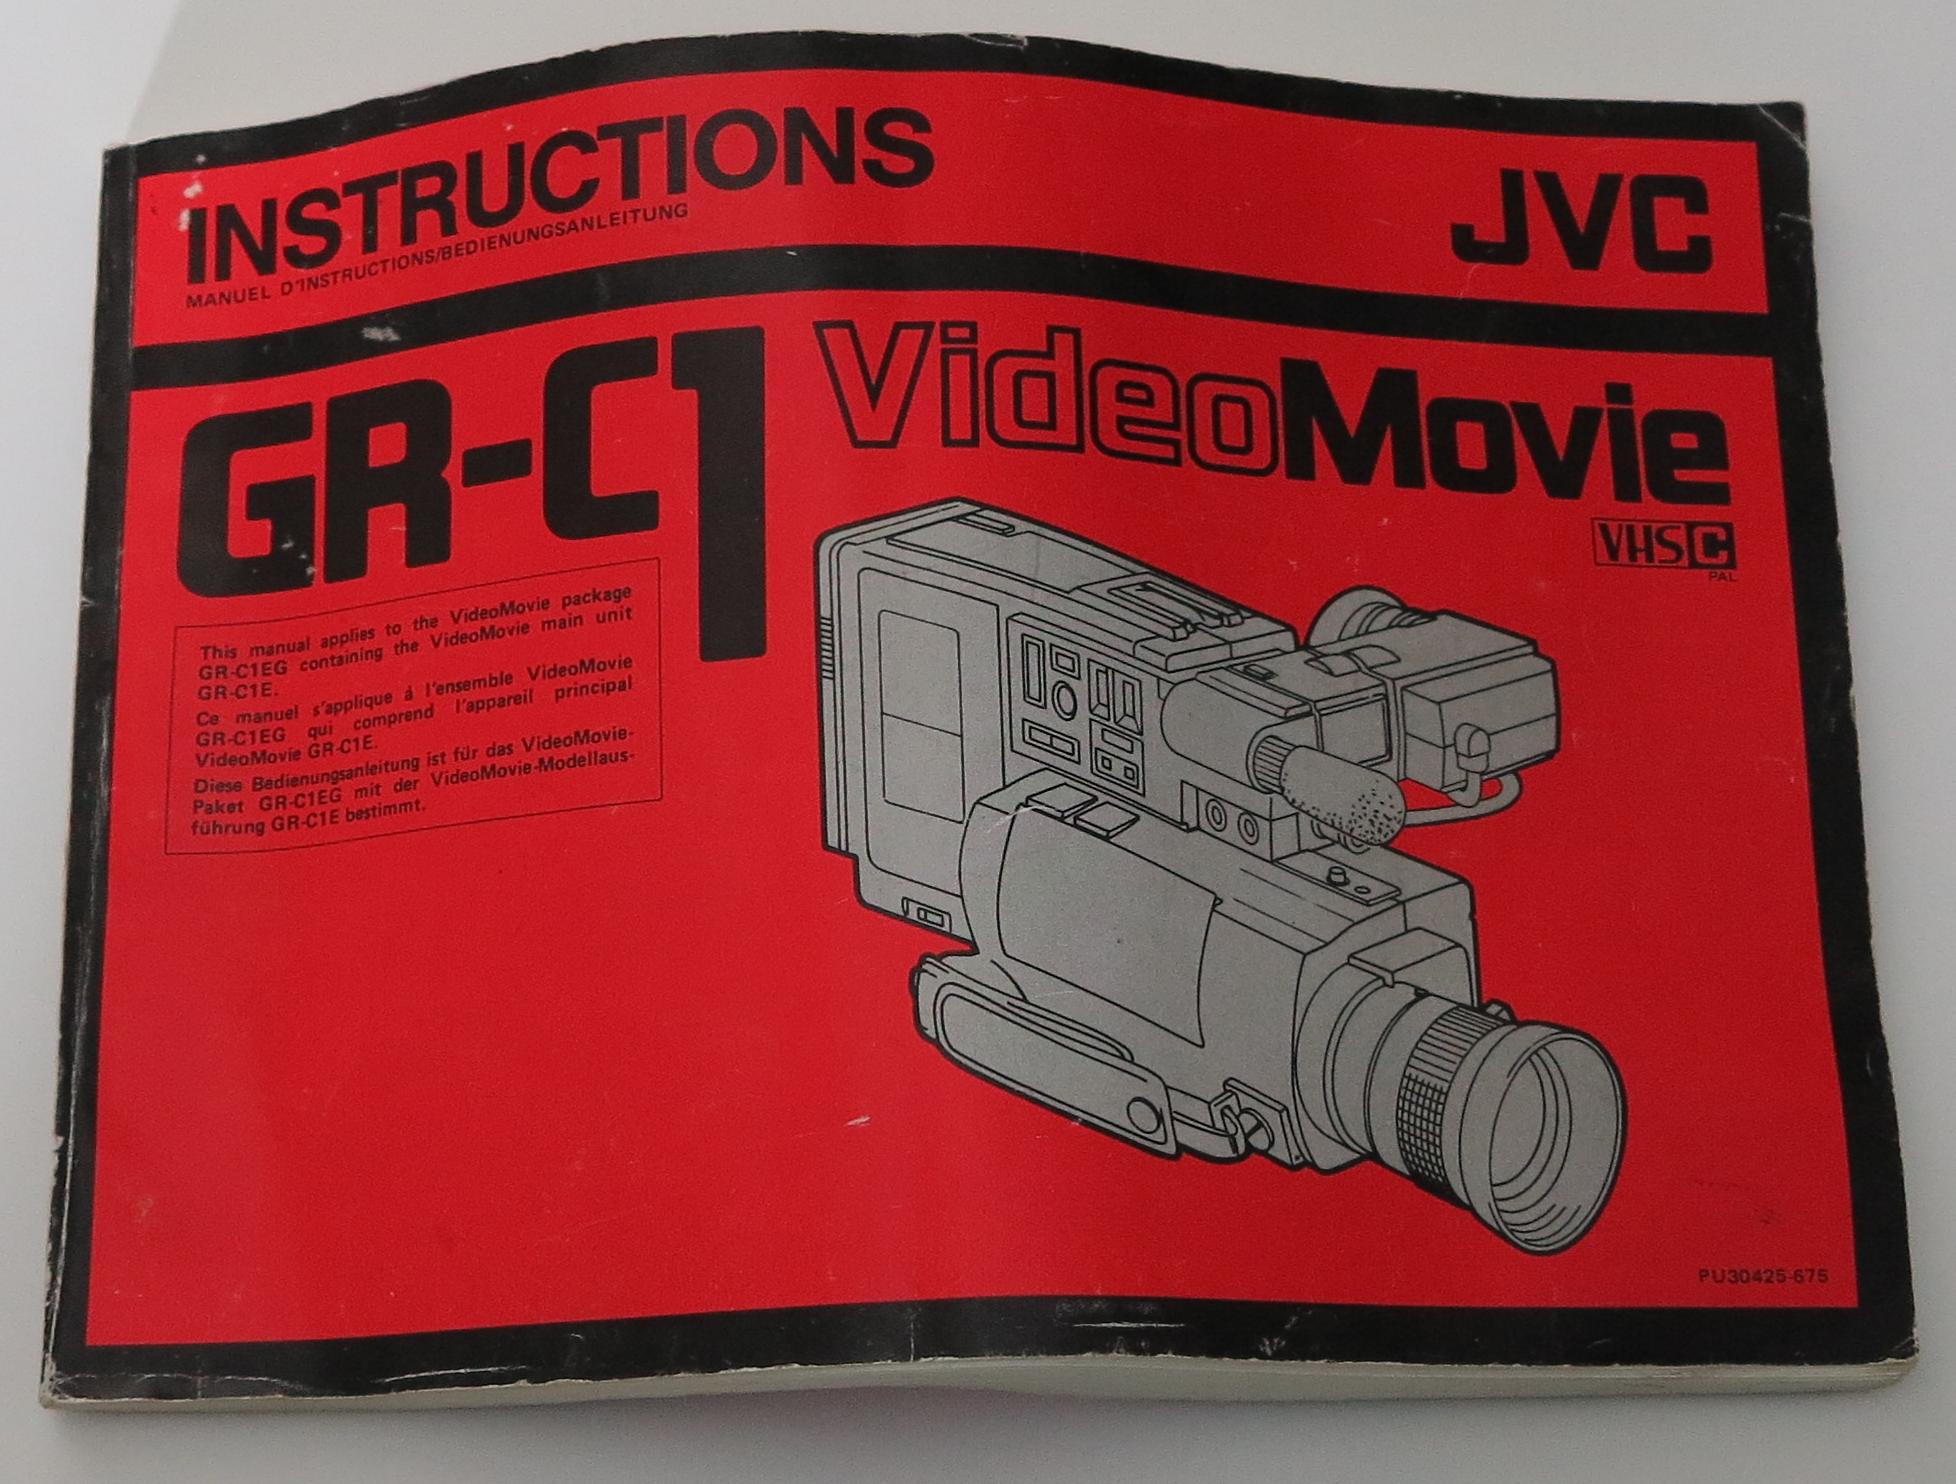 JVC GR-C1 manual